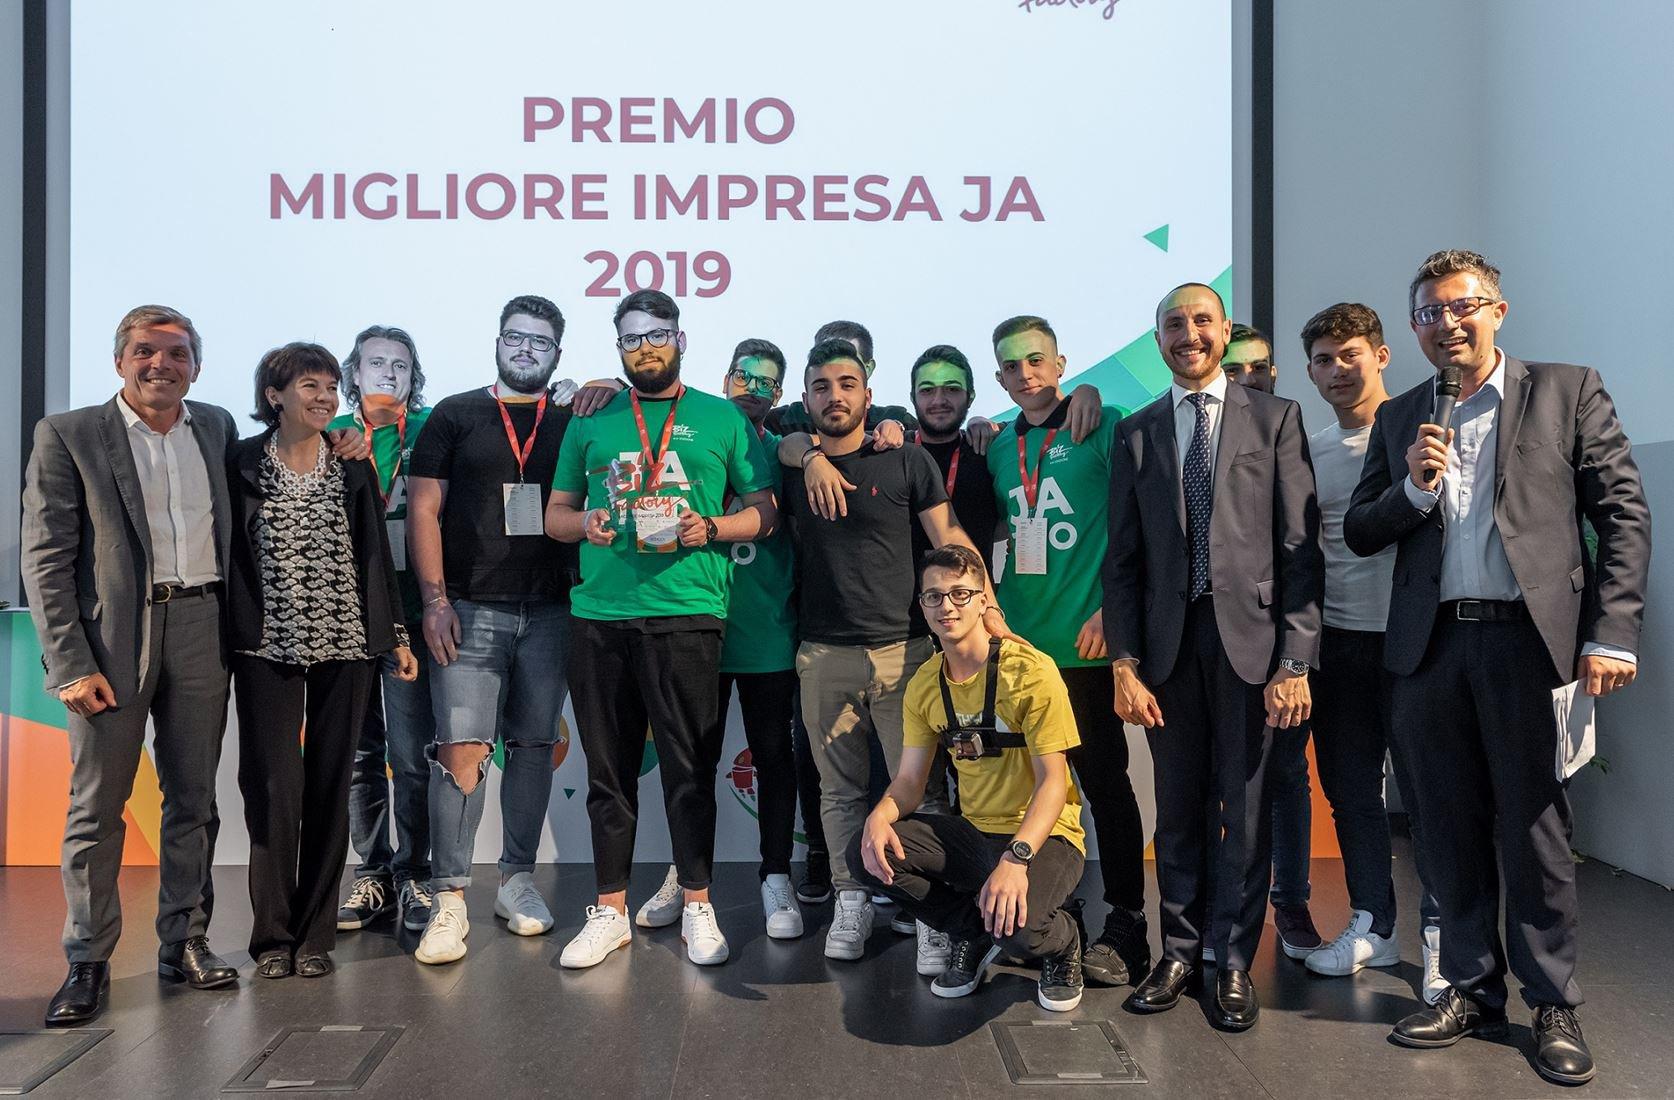 Biz Factory 2019, primo premio agli studenti dell'ITIS Lucarelli di Benevento